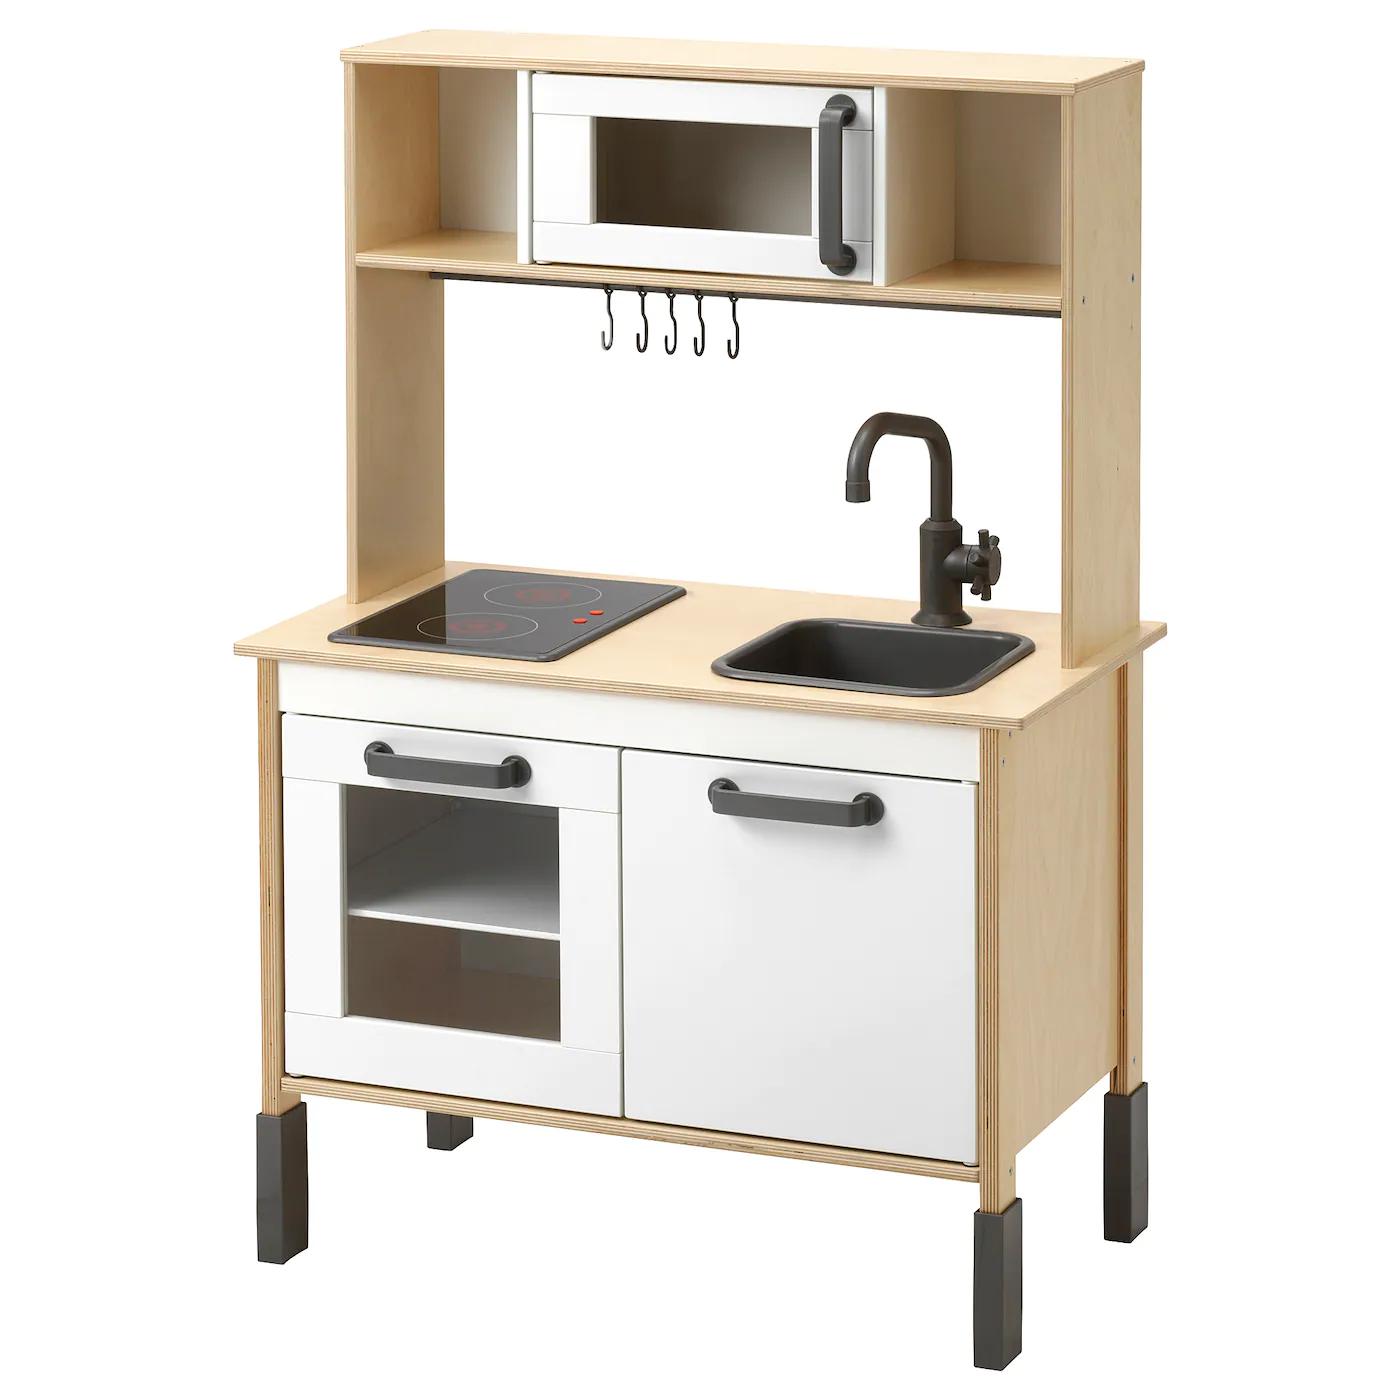 Ikea kuchnia dla dzieci